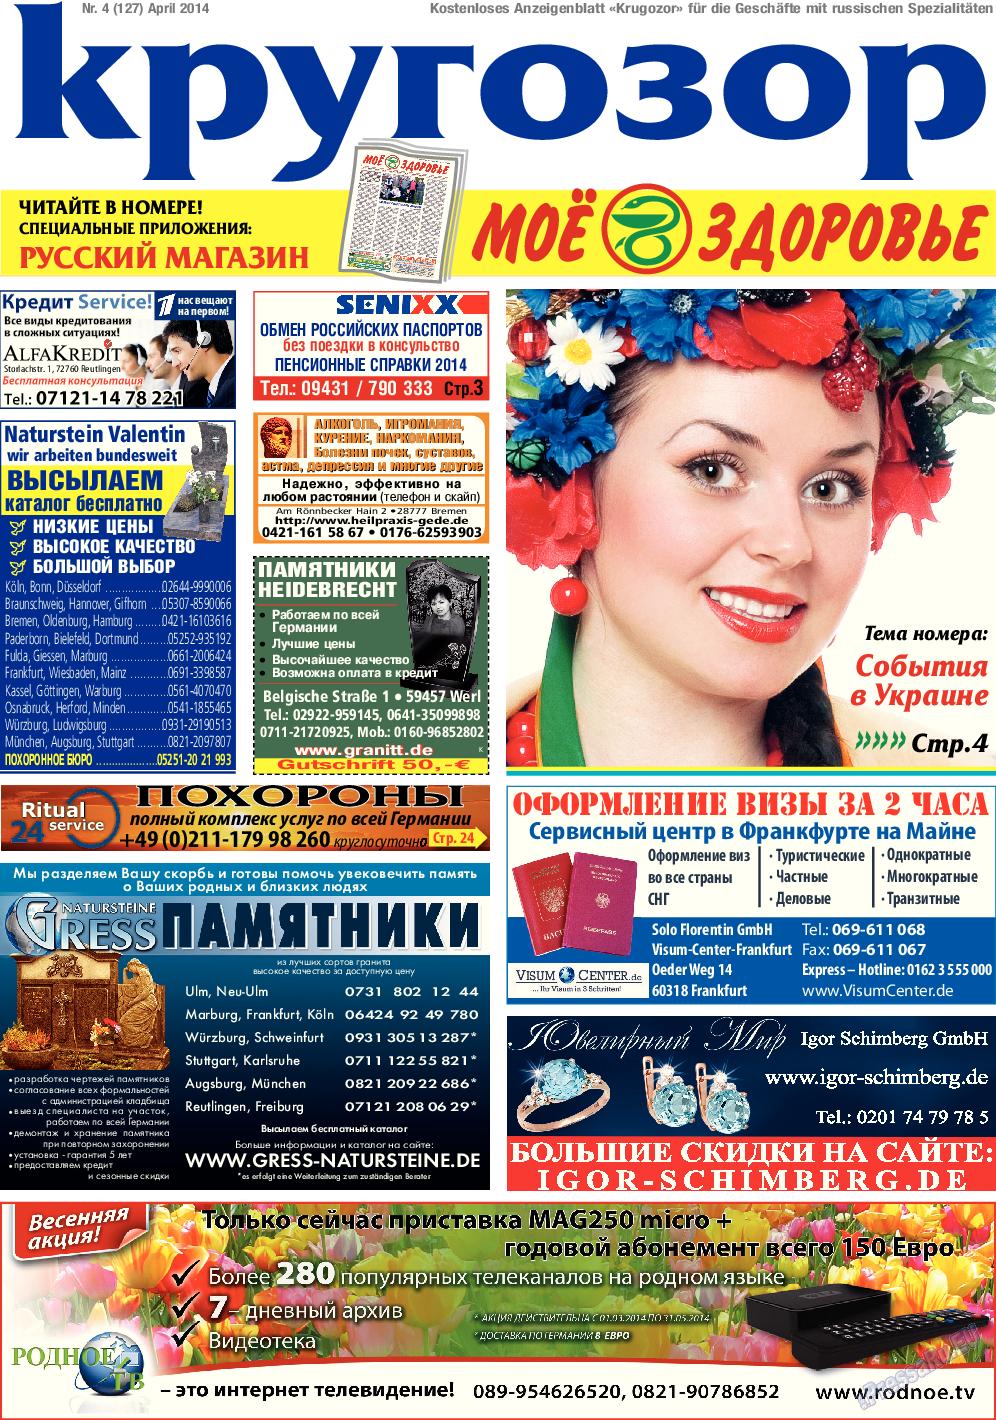 Кругозор (газета). 2014 год, номер 4, стр. 1